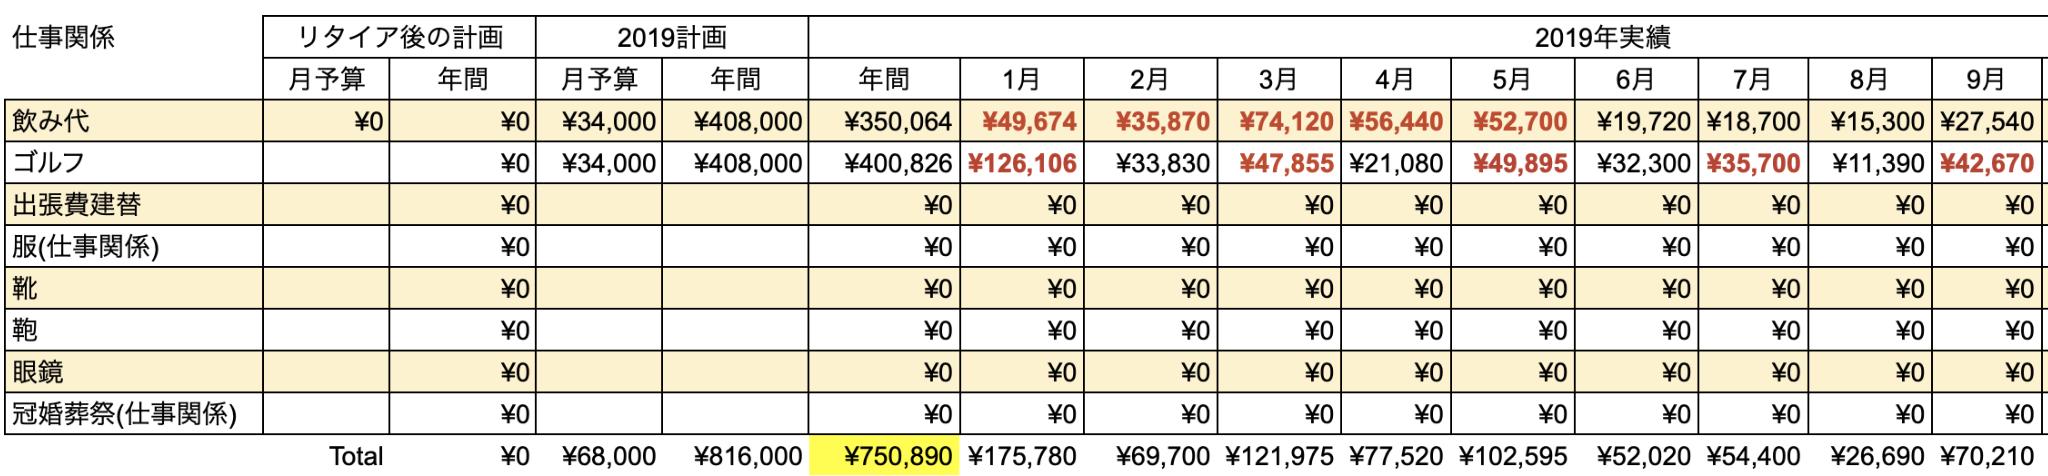 支出実績2019_09月_仕事関係費